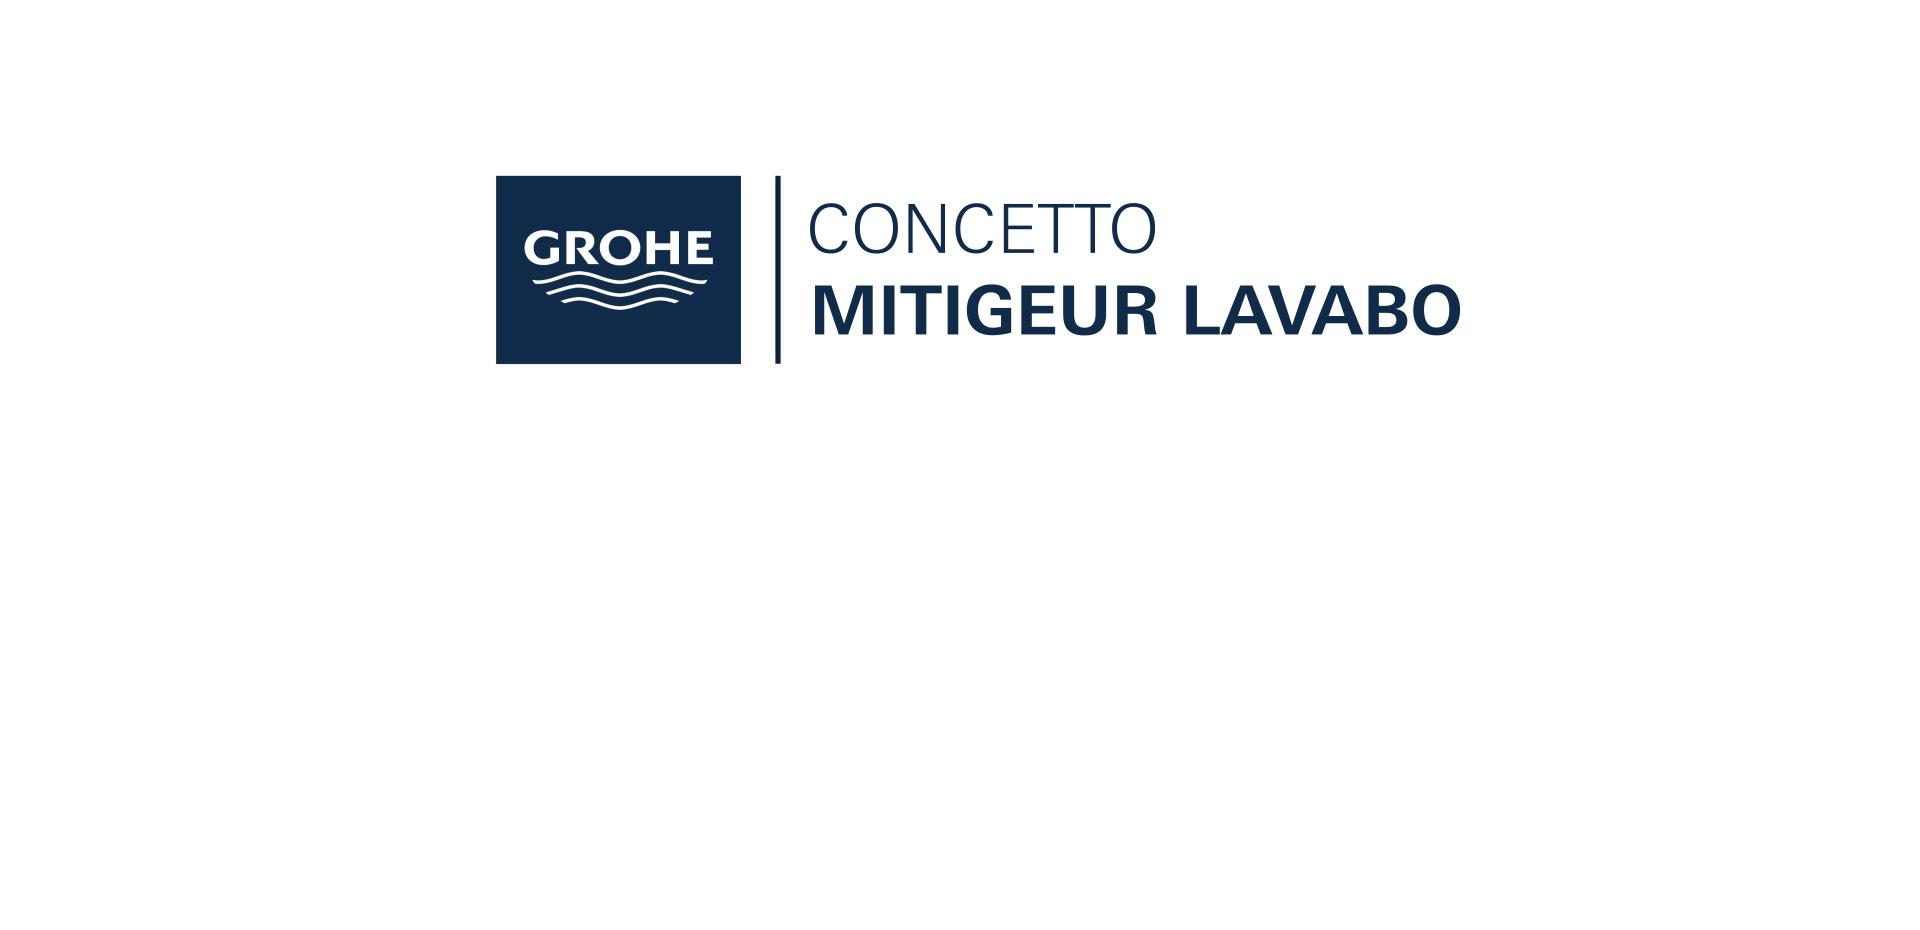 Mitigeur monocommande Lavabo Taille S Concetto Chromé de Grohe